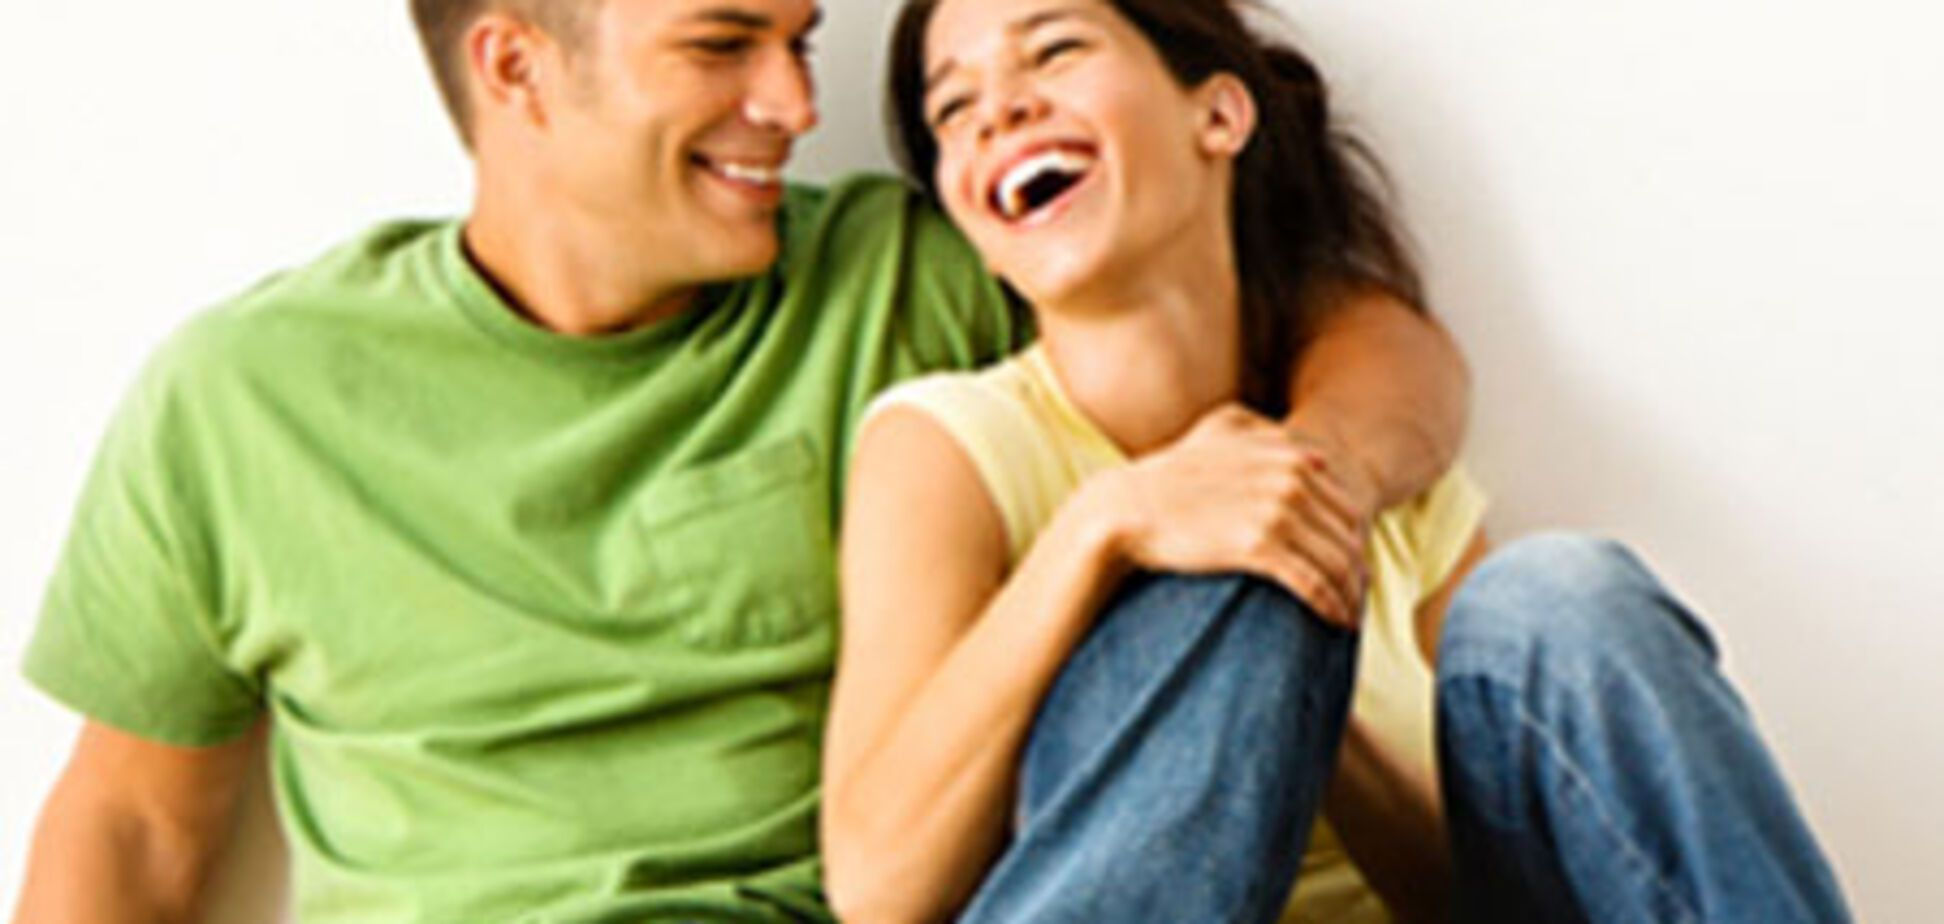 Смішіть коханих! Гумор рятує шлюби